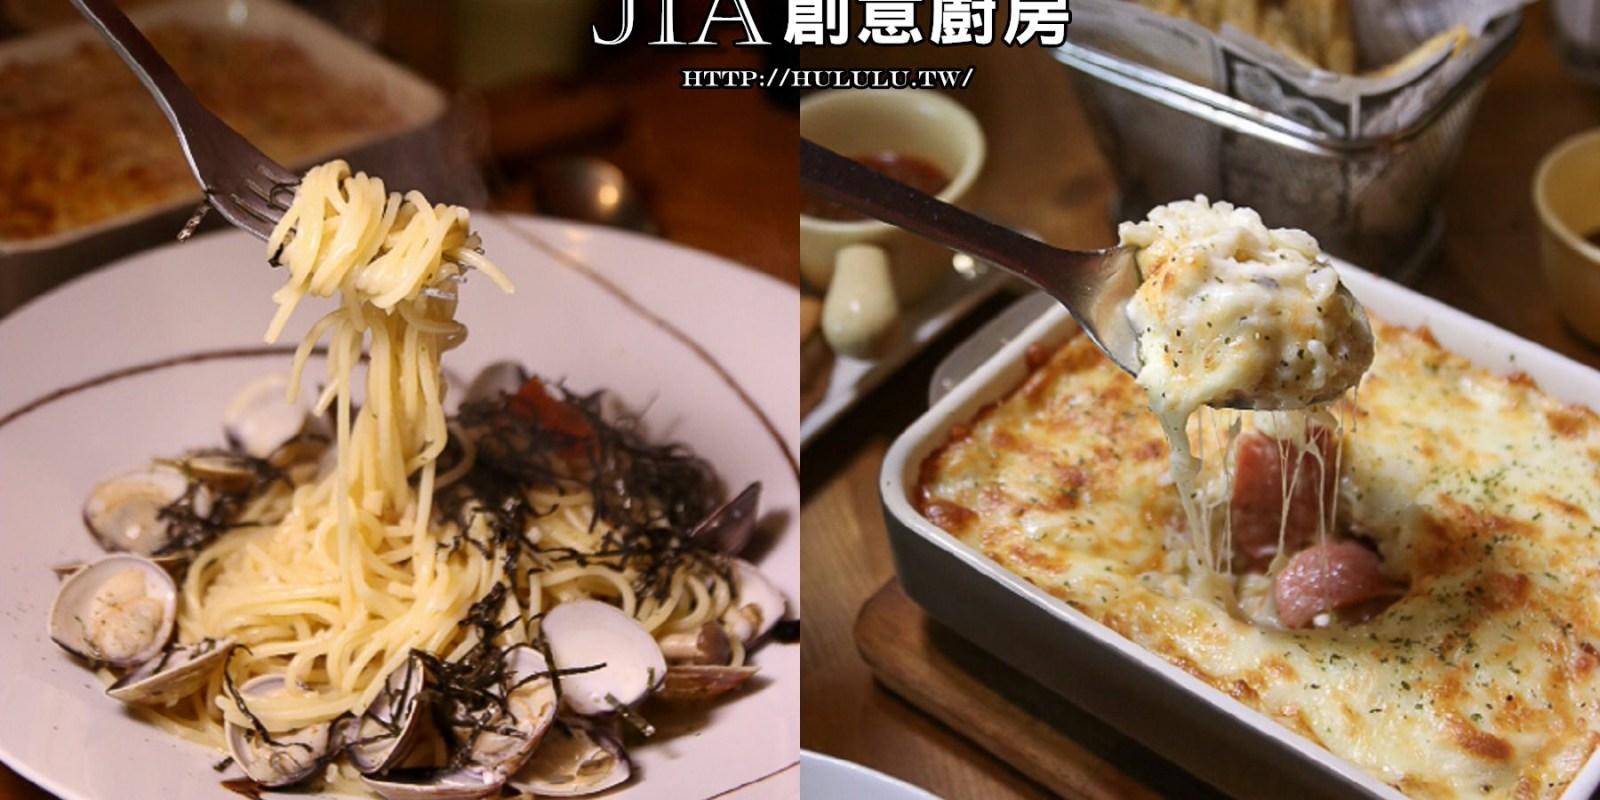 台南美食 回JIA吧~手作午晚餐!新鮮食材,份量十足!溫馨聚餐空間~「JIA創意廚房」台南早午餐 義大利麵 